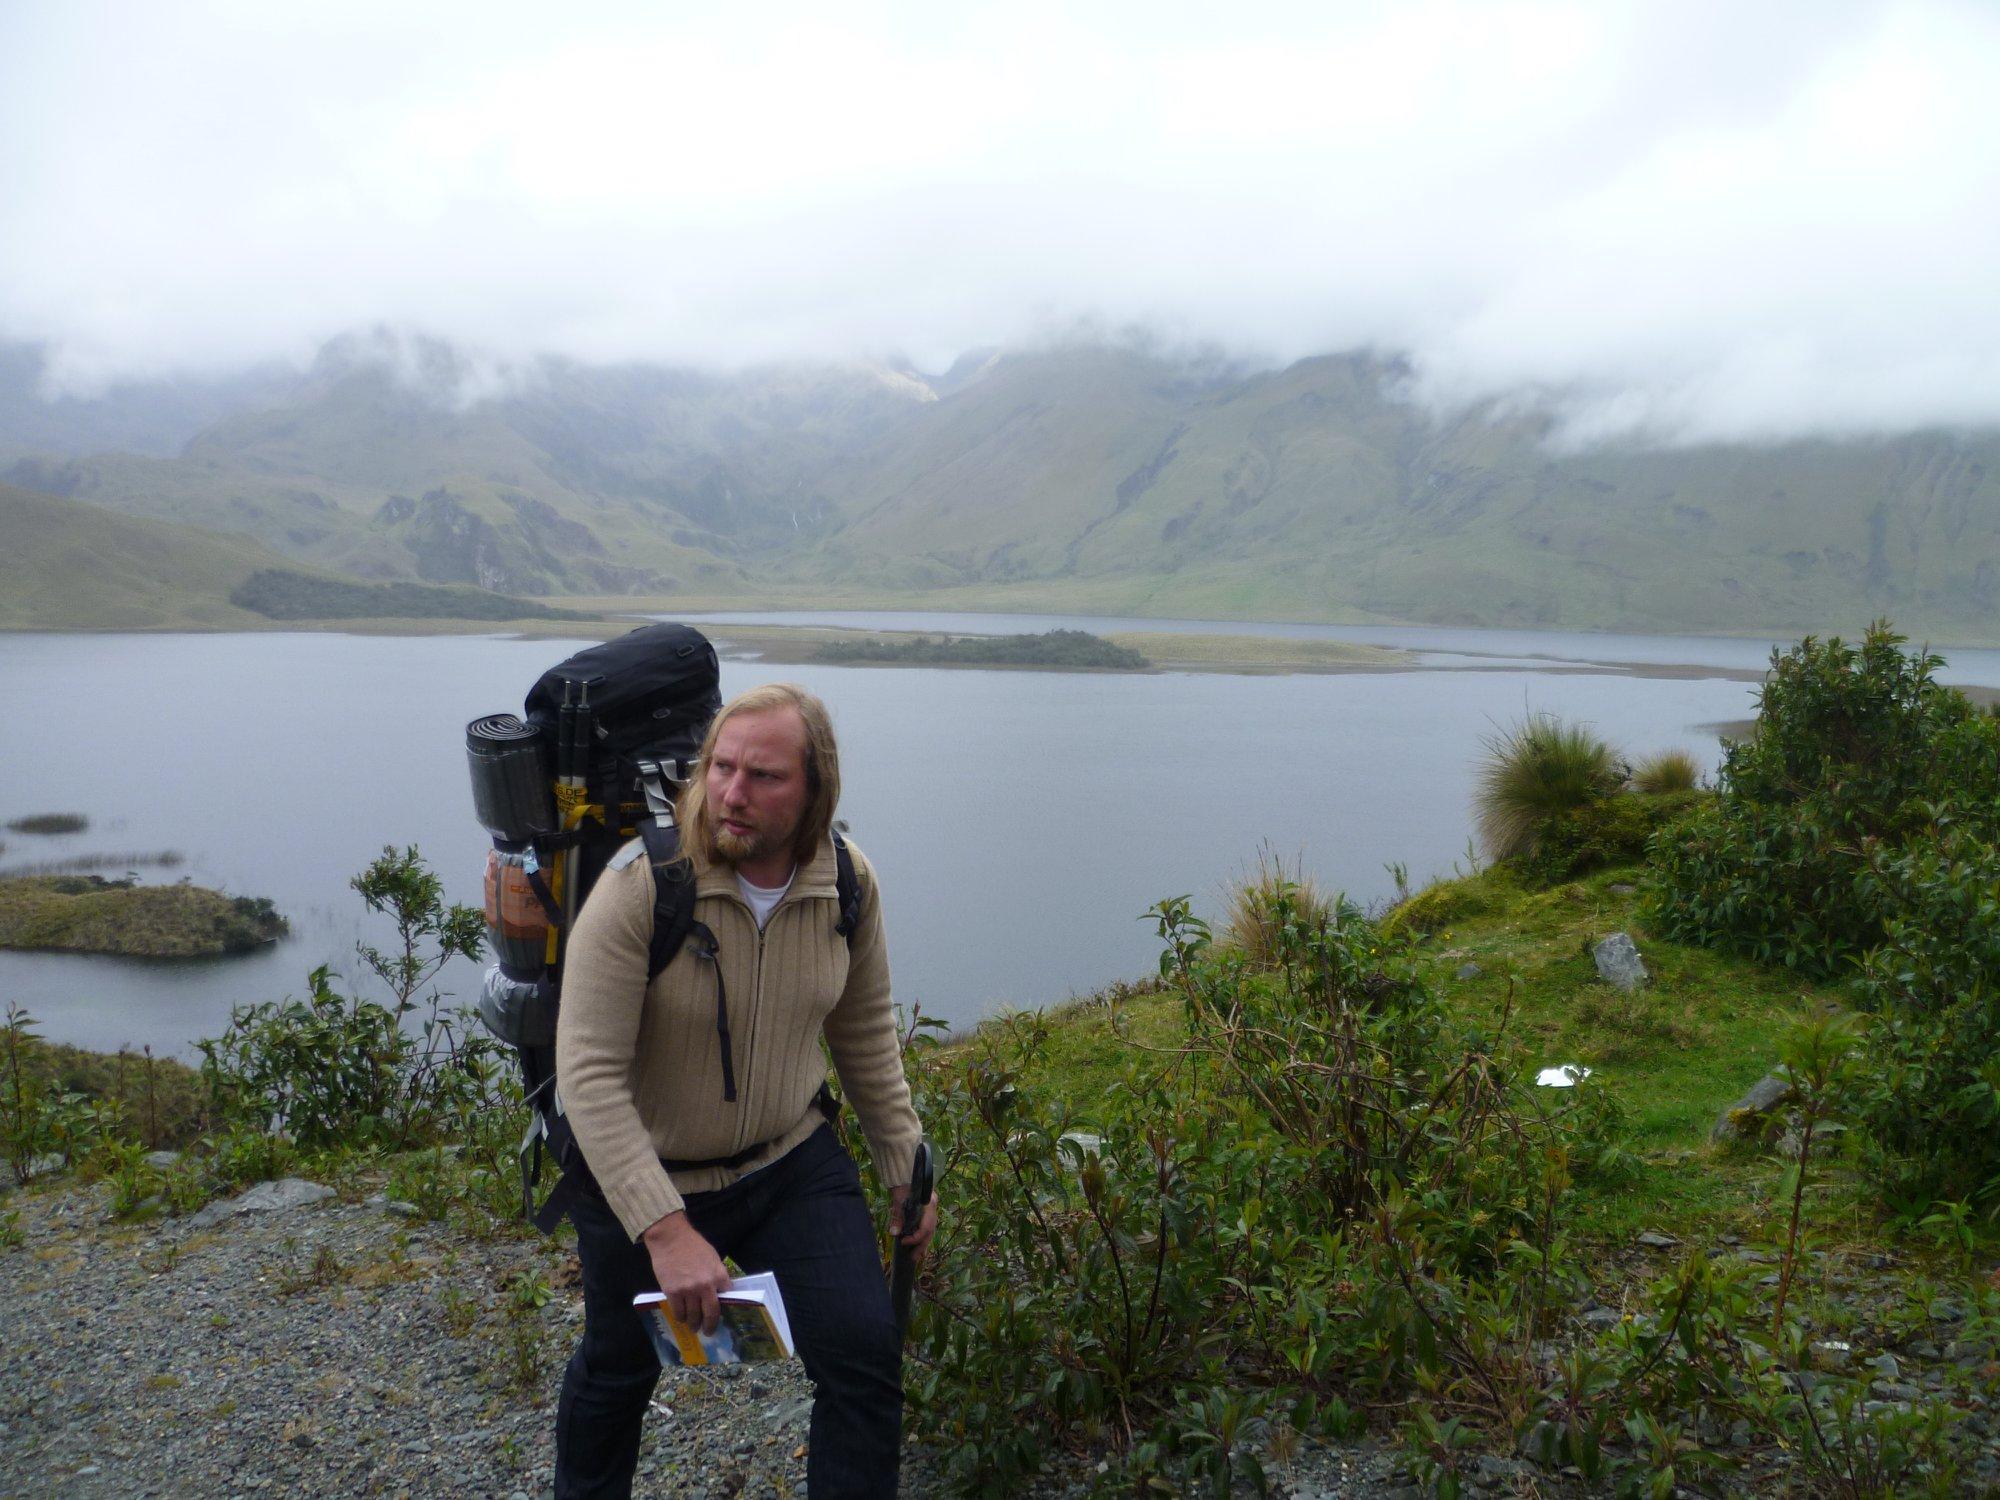 Auf dem Foto sieht man Toni mit einem Wanderrucksack und einem Reiseführer. Er wandert an einem See entlang. Der See ist im Hintergrund zu sehen.